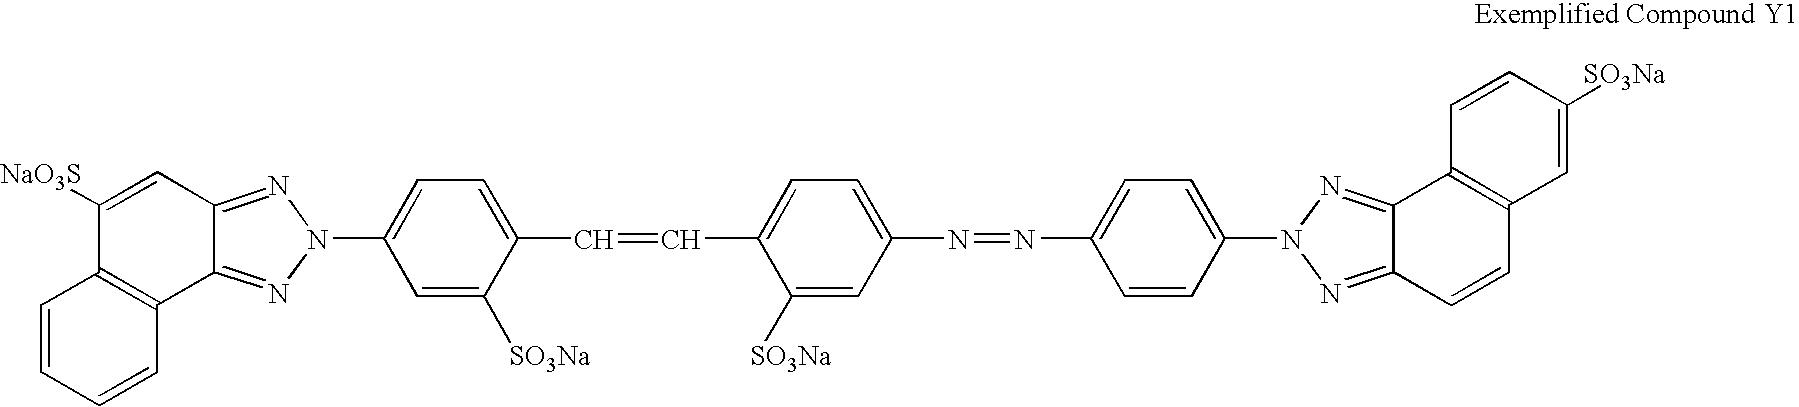 Figure US20070109372A1-20070517-C00003